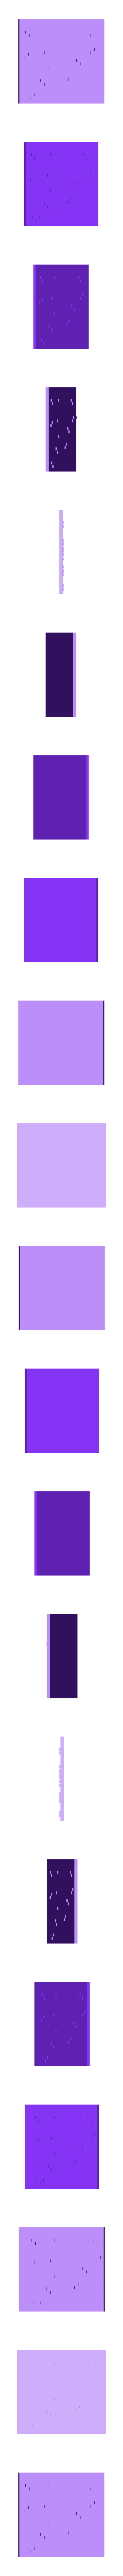 quay_side1.stl Télécharger fichier STL gratuit Ripper's London - Les égouts • Design pour imprimante 3D, Earsling